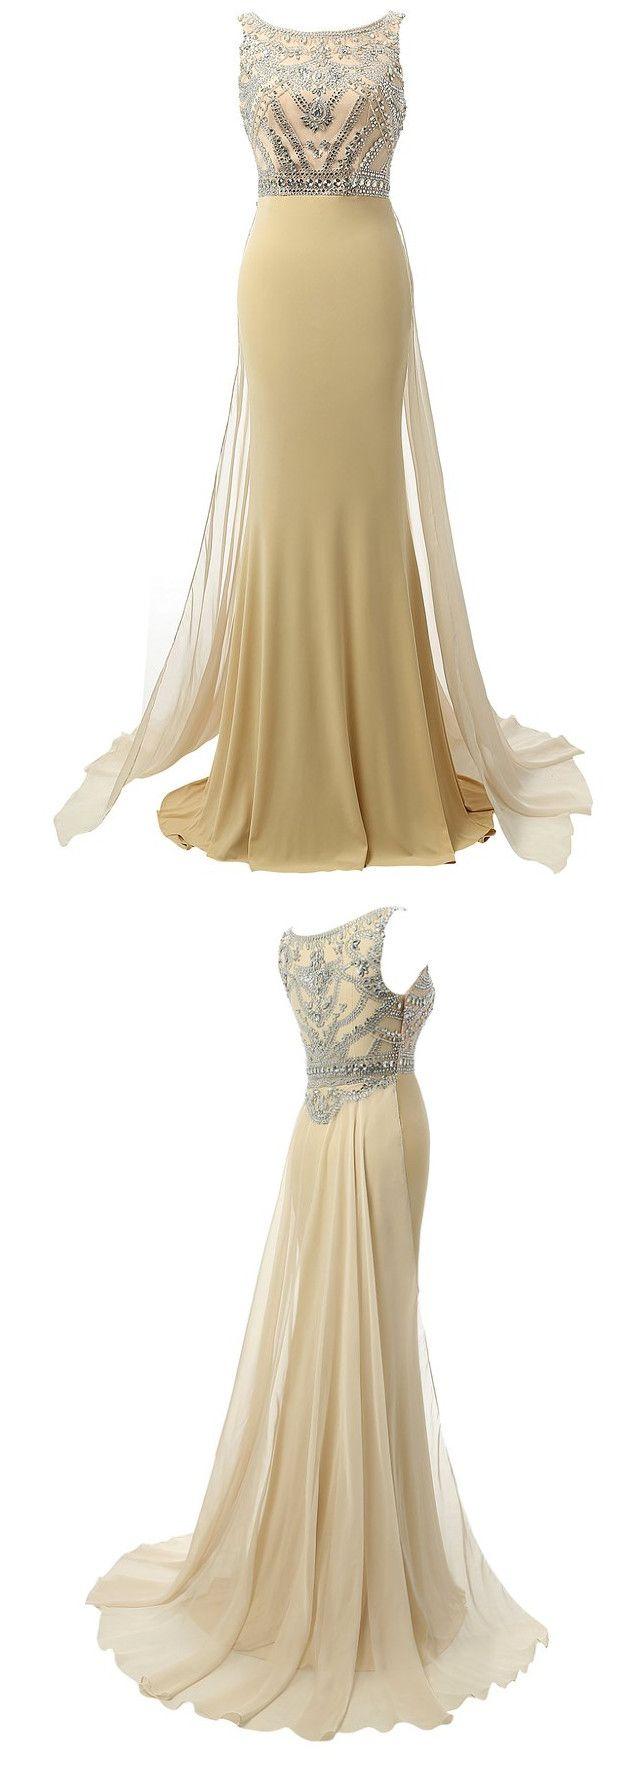 New Sexy Formal Women Evening Dress 2017, Long Prom Dress, Handmade Women's Sleeveless Long Beaded Chiffon Formal Evening Prom Dresses